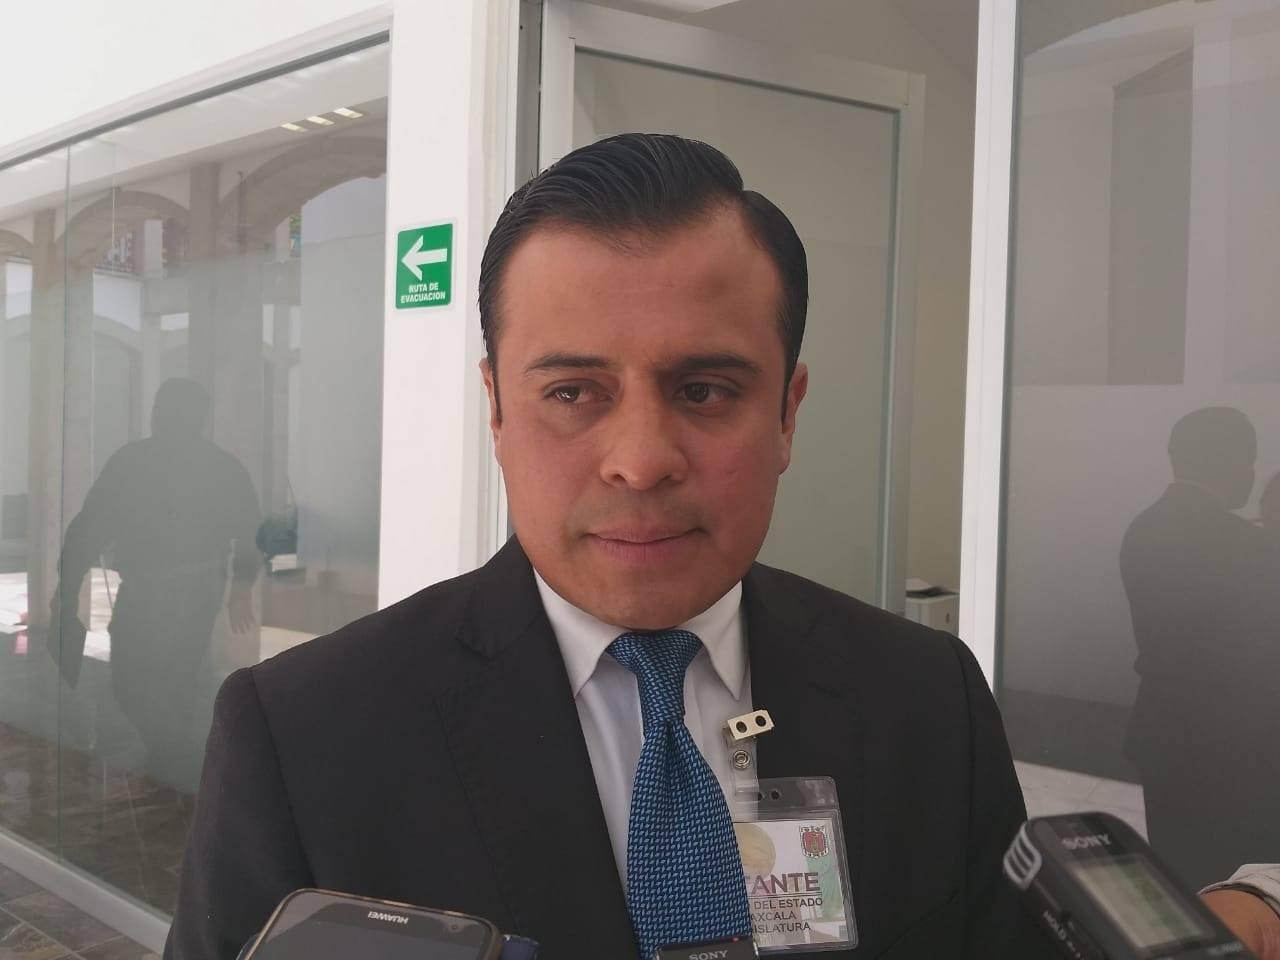 Alcalde de Cuapiaxtla pide a la ciudadanía no creer en información falsa y sin sustento